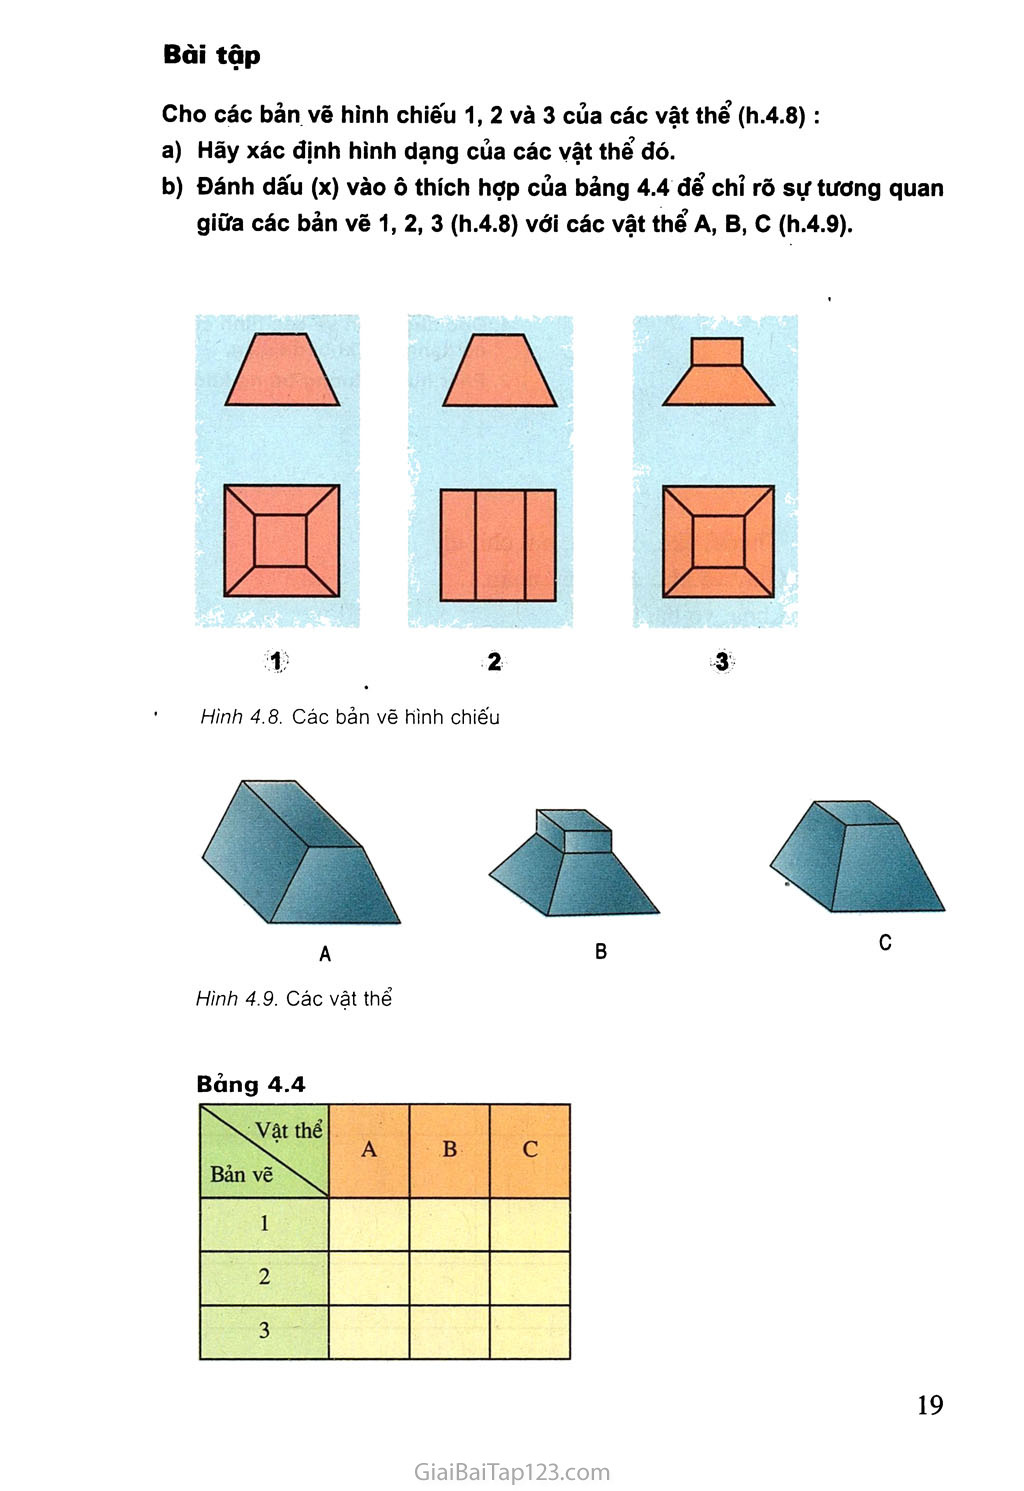 Bài 4. Bản vẽ các khối đa diện trang 5